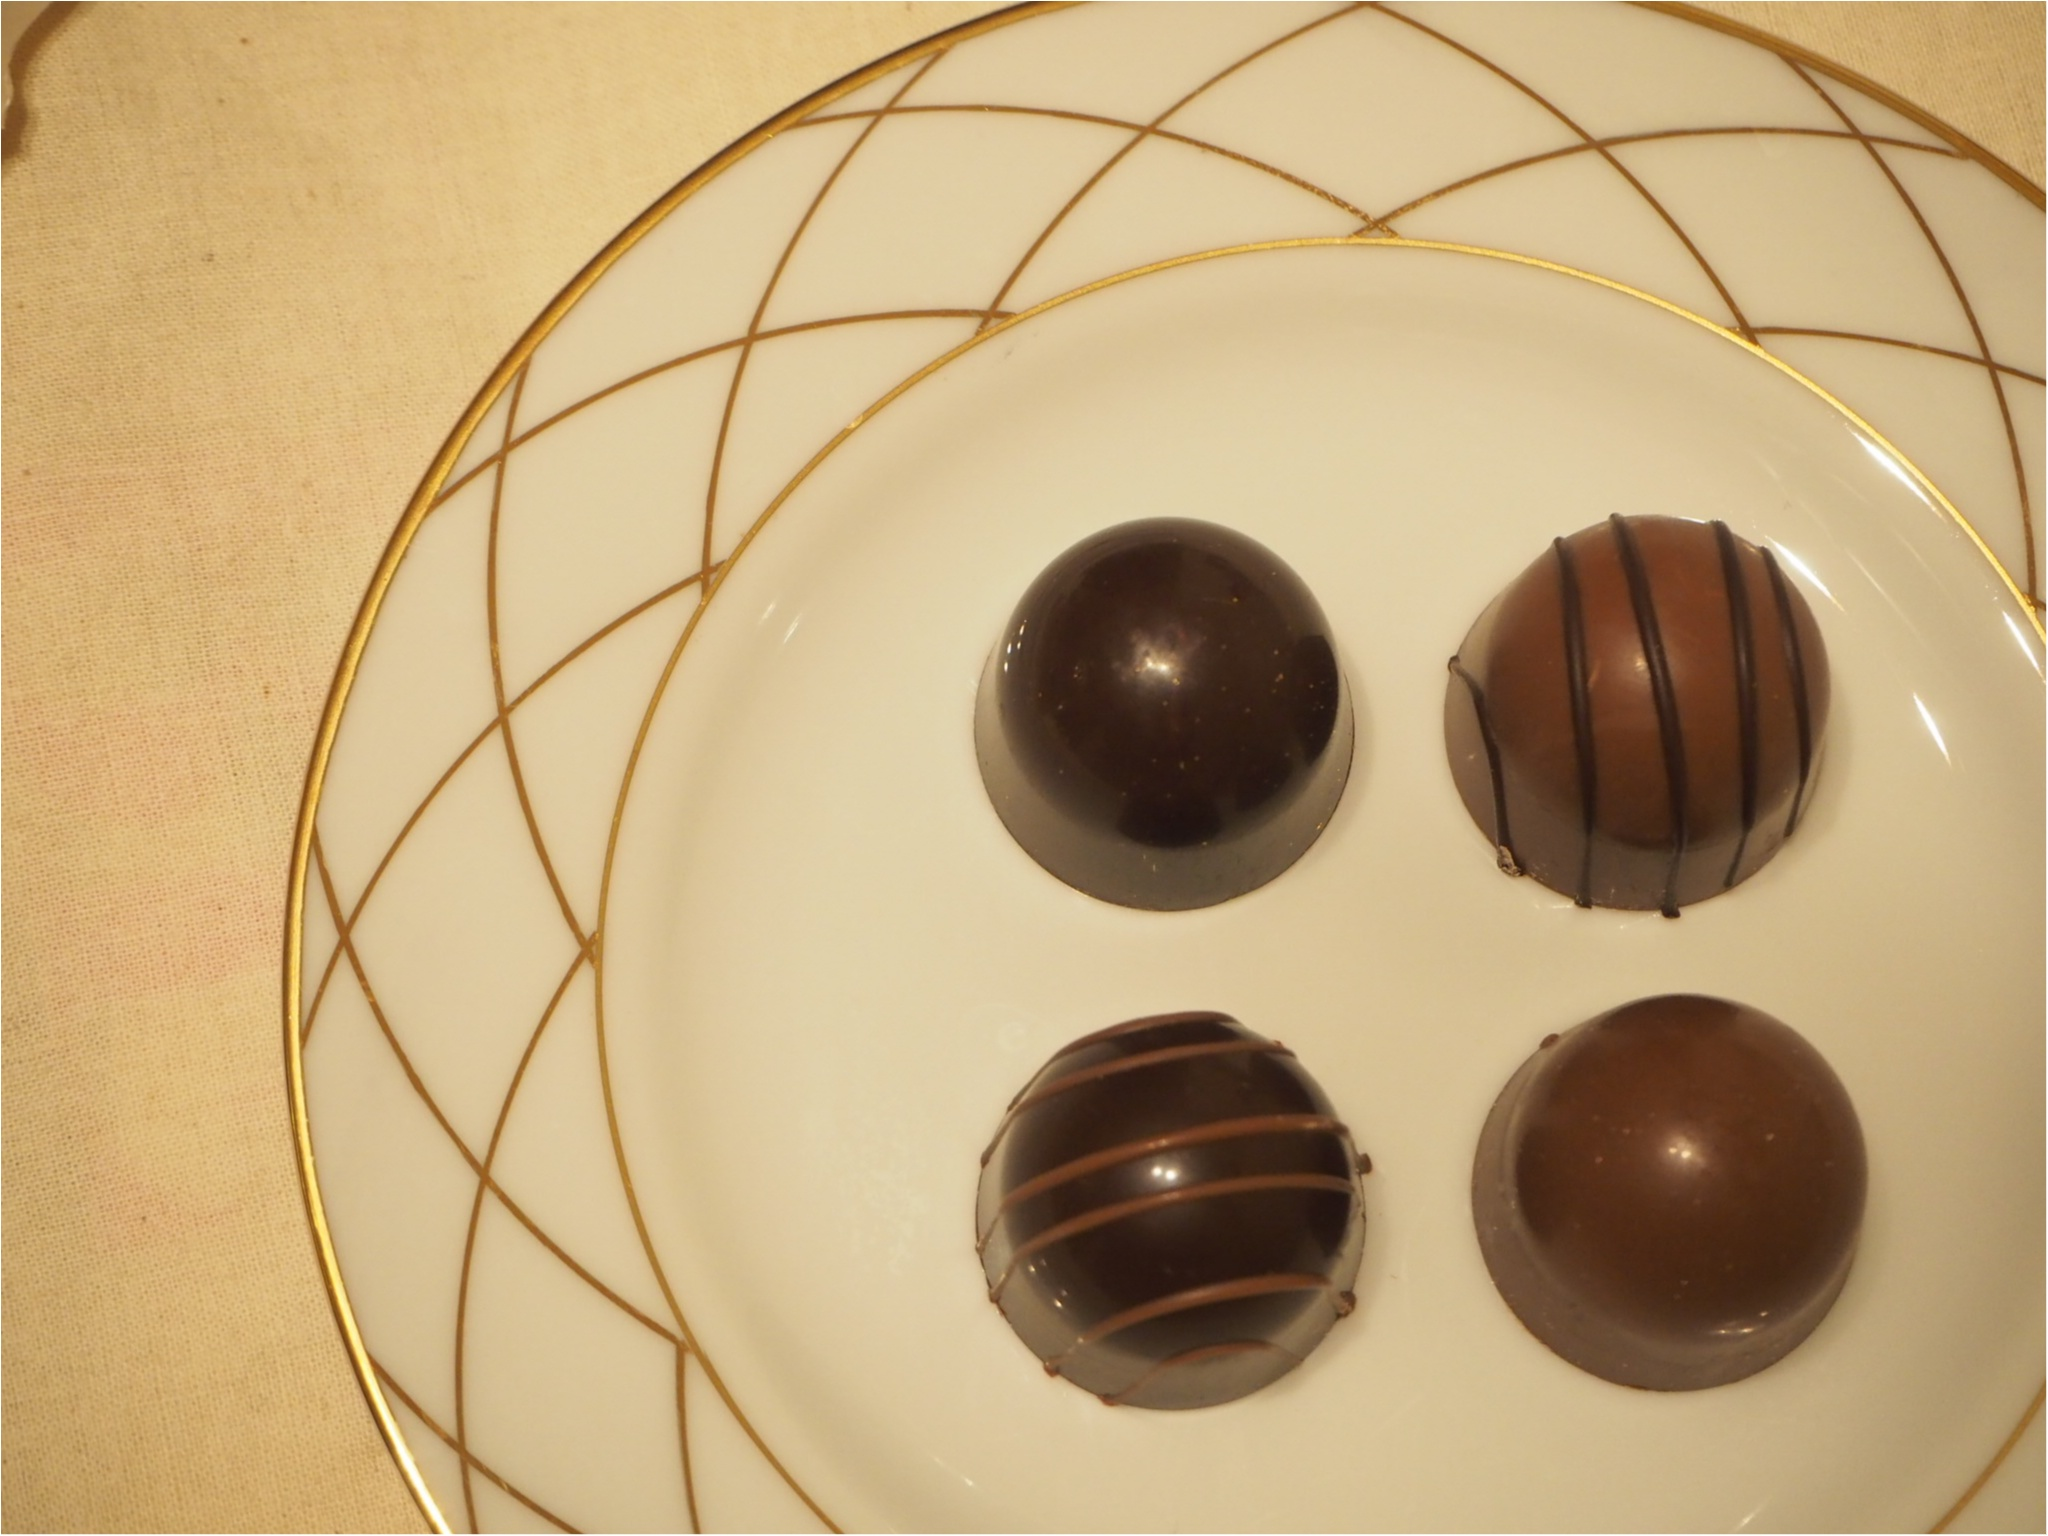 コンビニで見つけた「ホテルオークラ」の本格的ショコラが2個で260円!_2